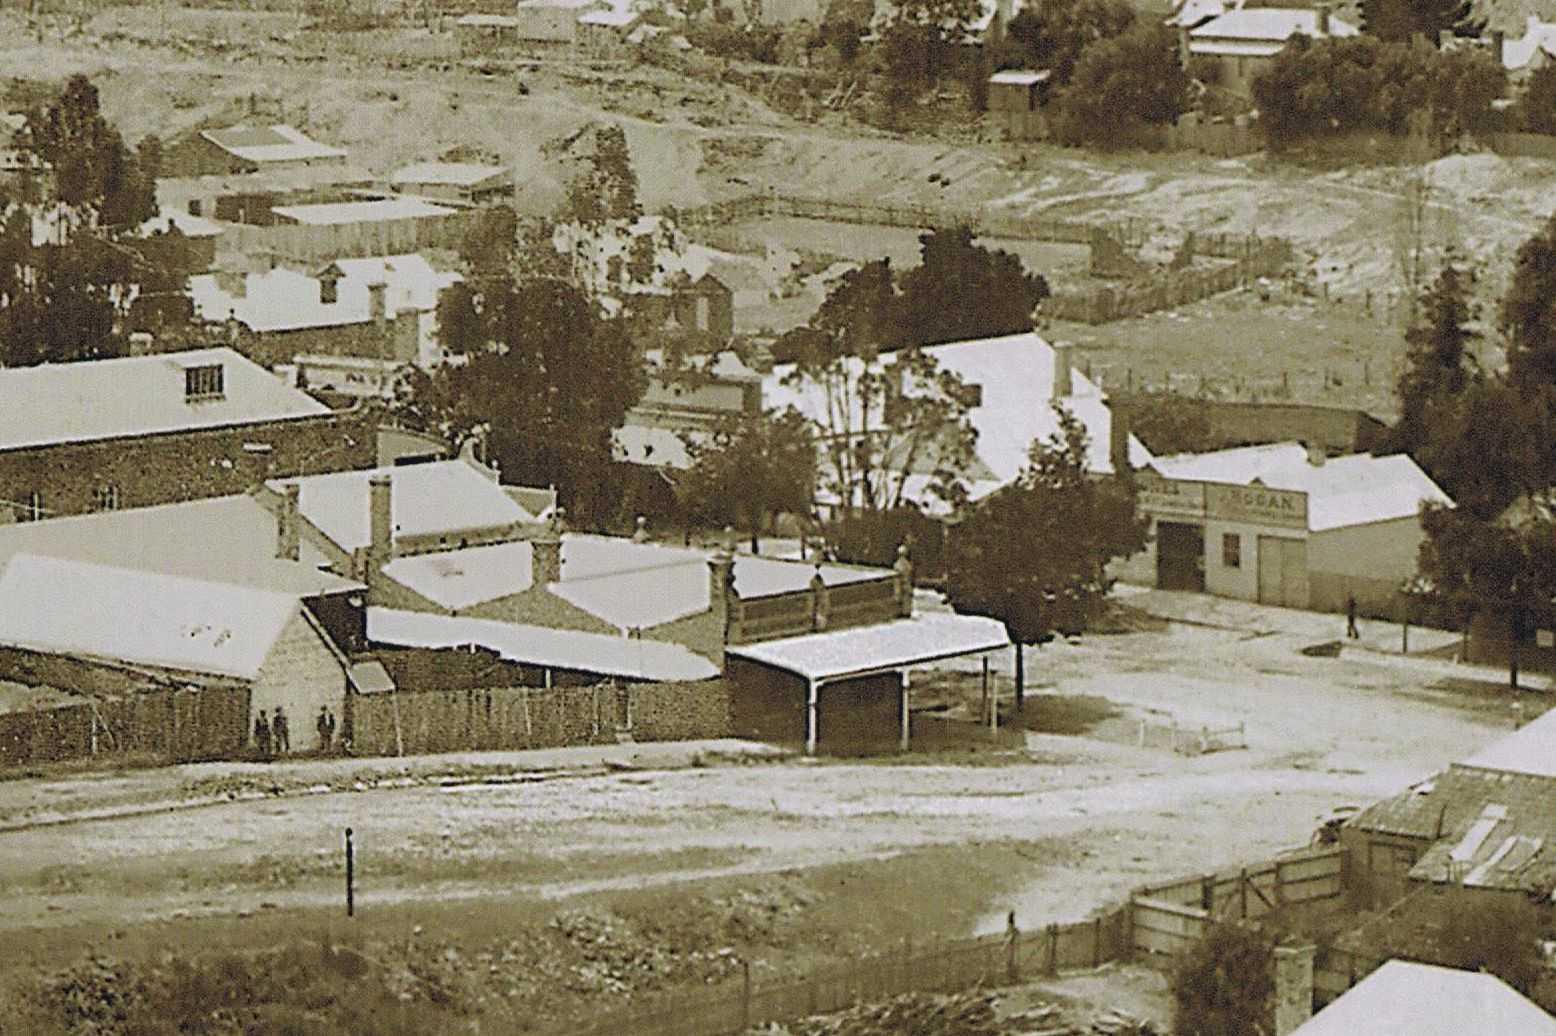 Langslow's Building, 1898